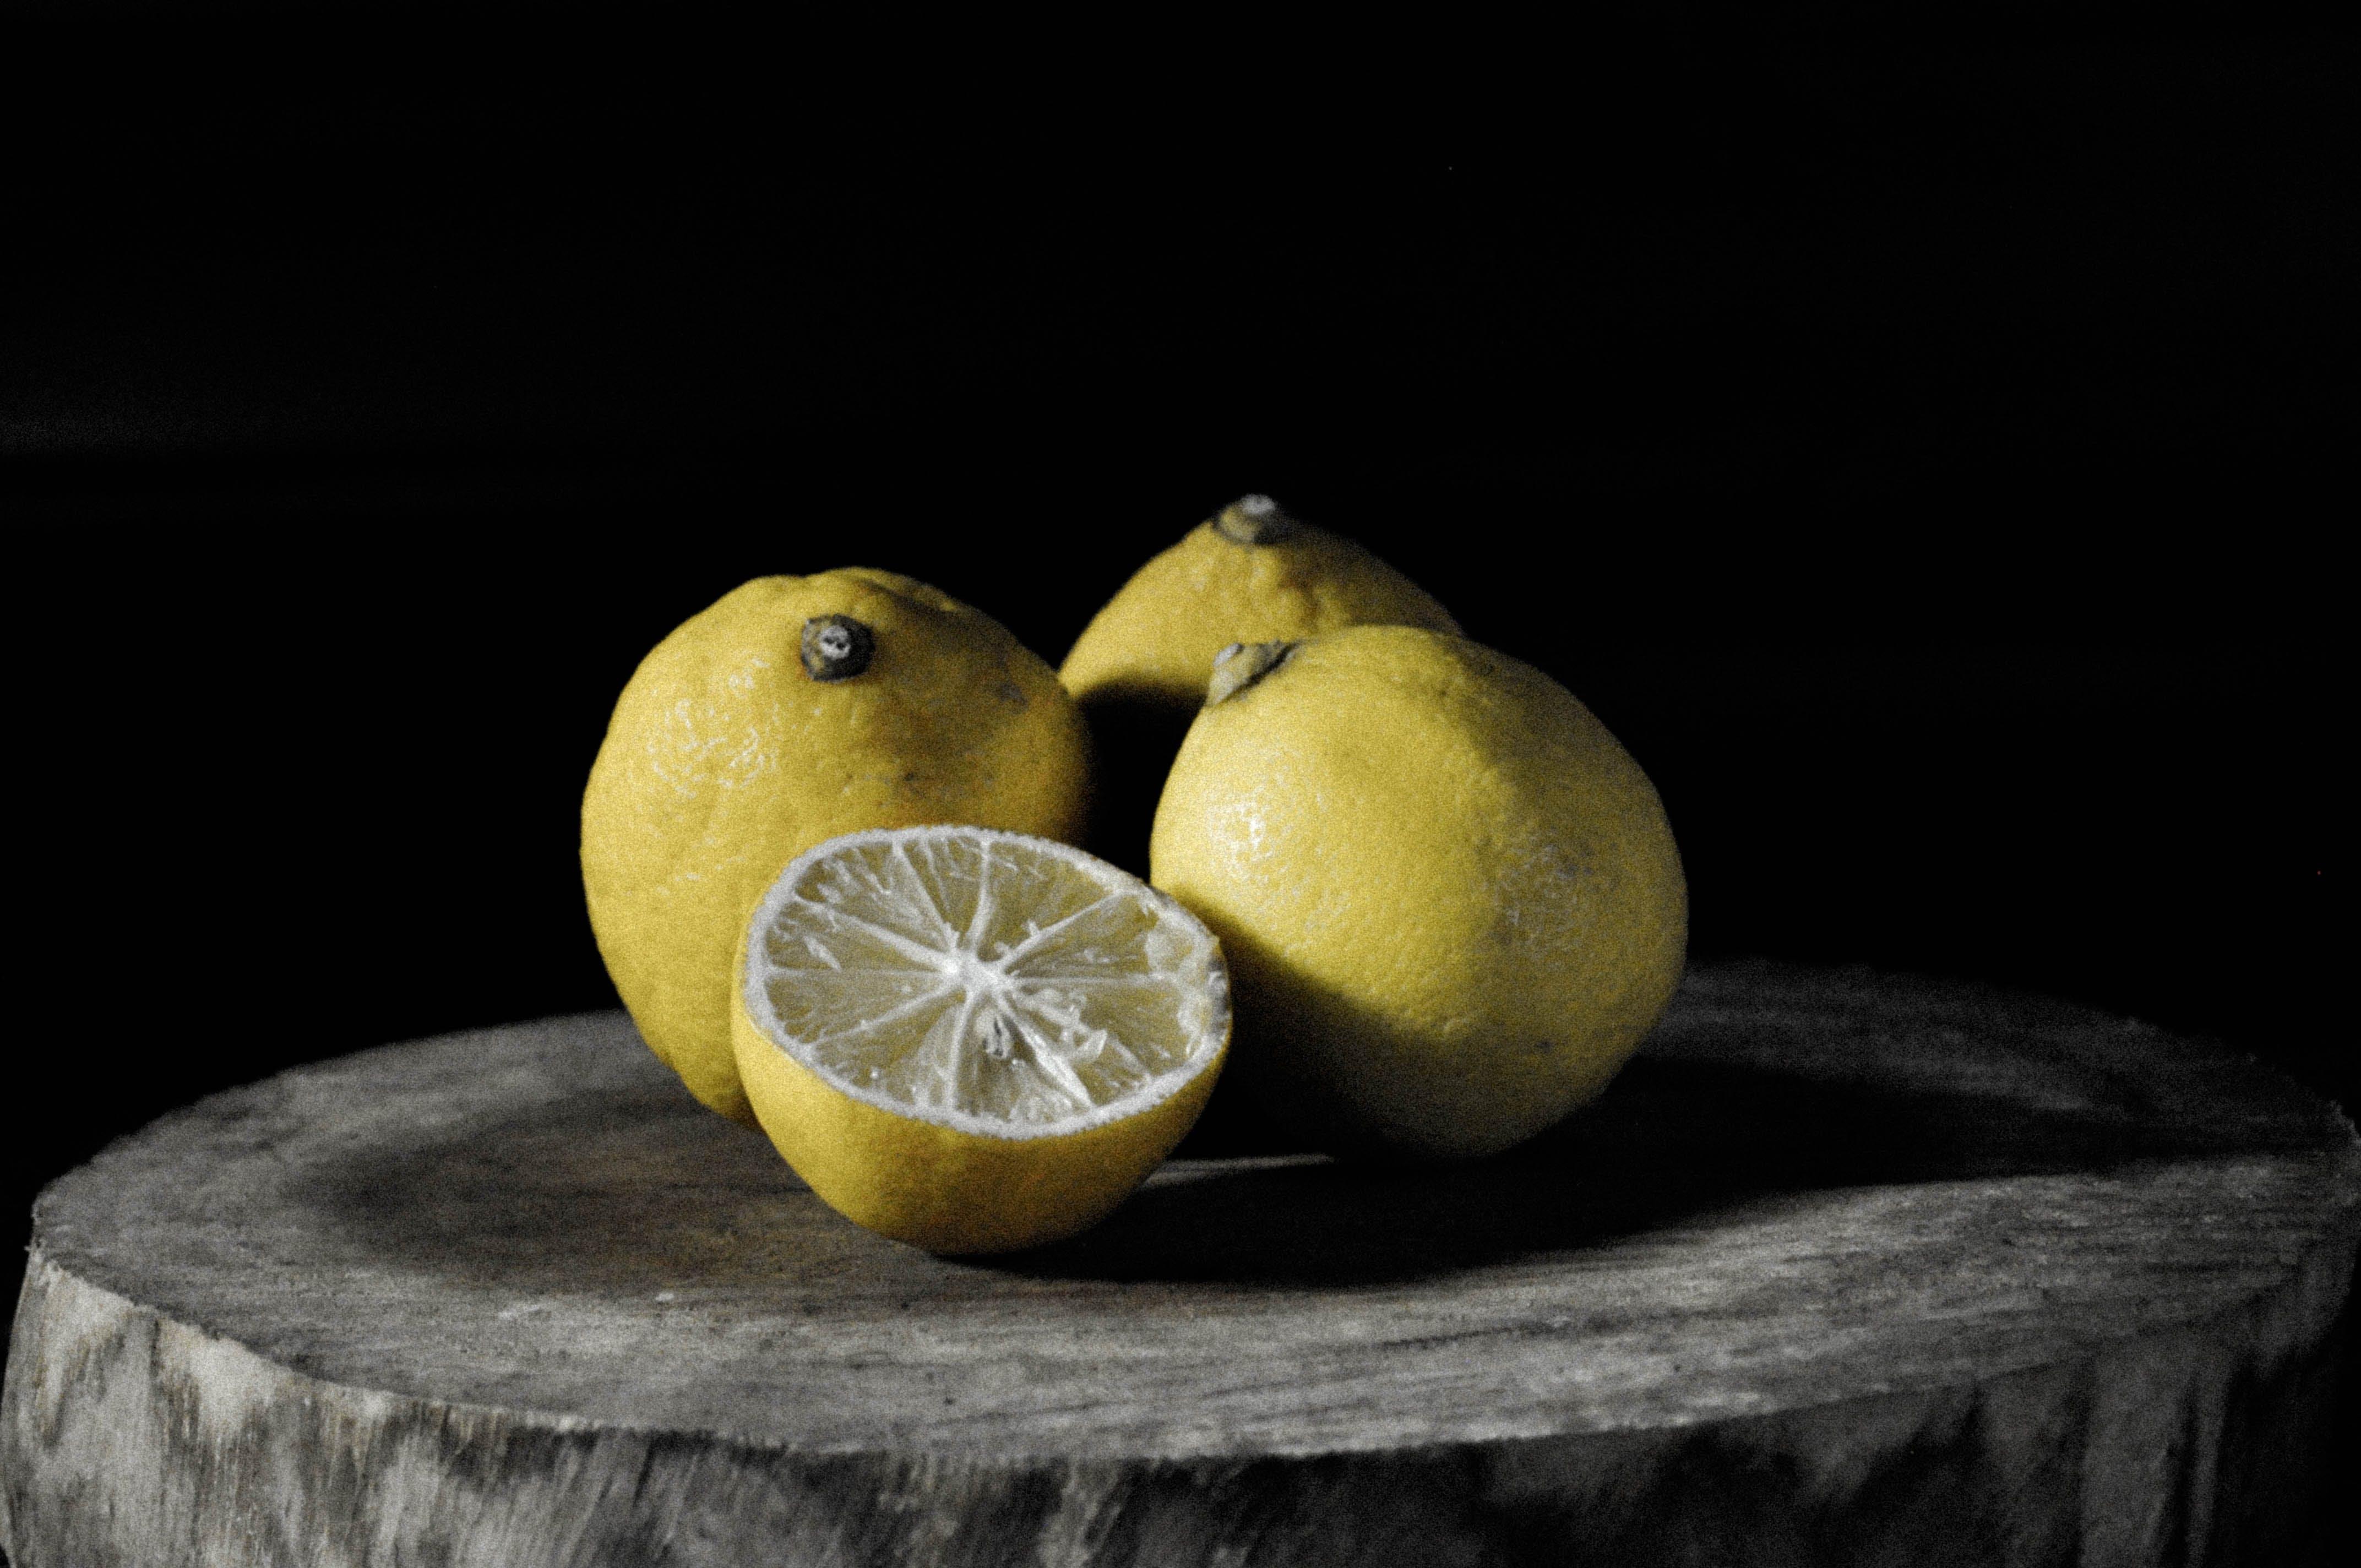 Three Lemons Beside Sliced Lemon on Tree Slab